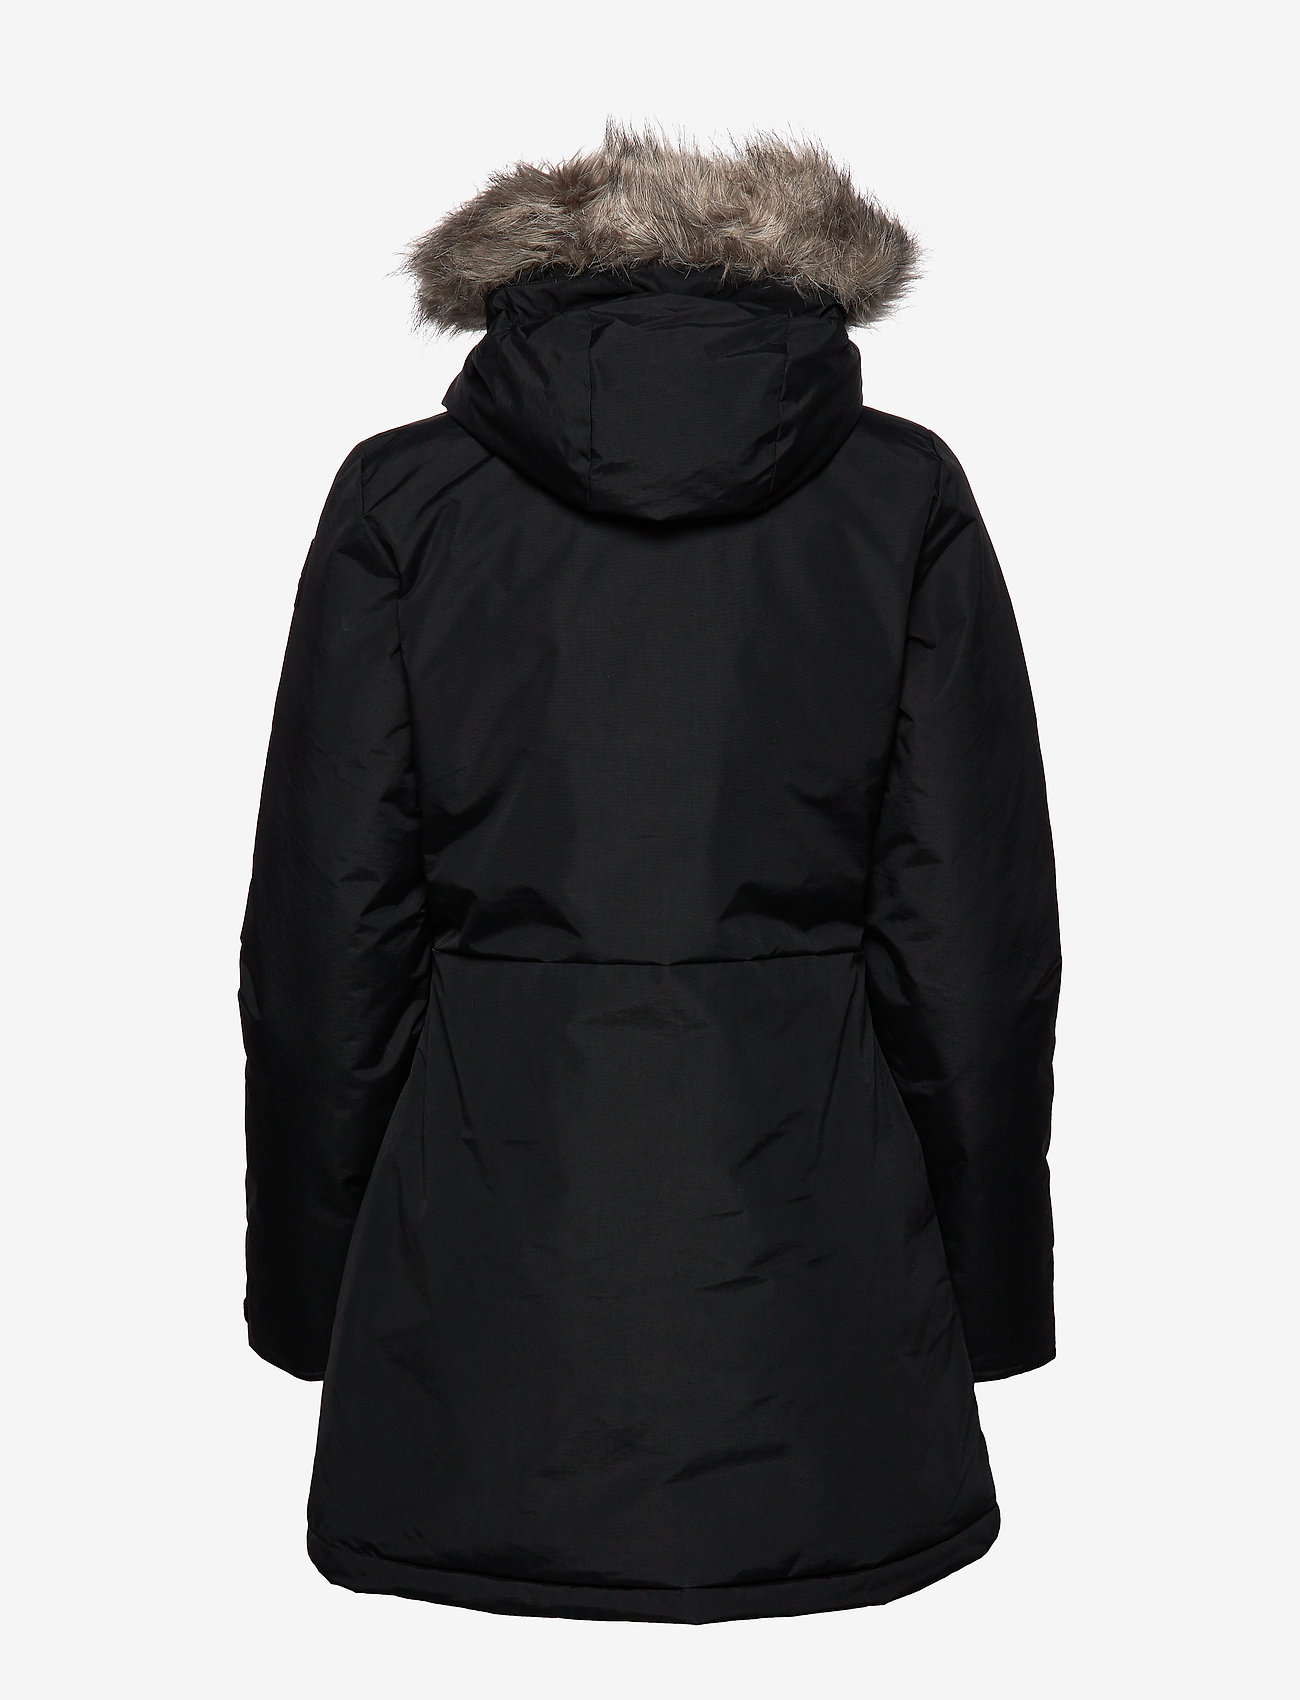 W Xploric Parka (Black) (1039.35 kr) - adidas Performance